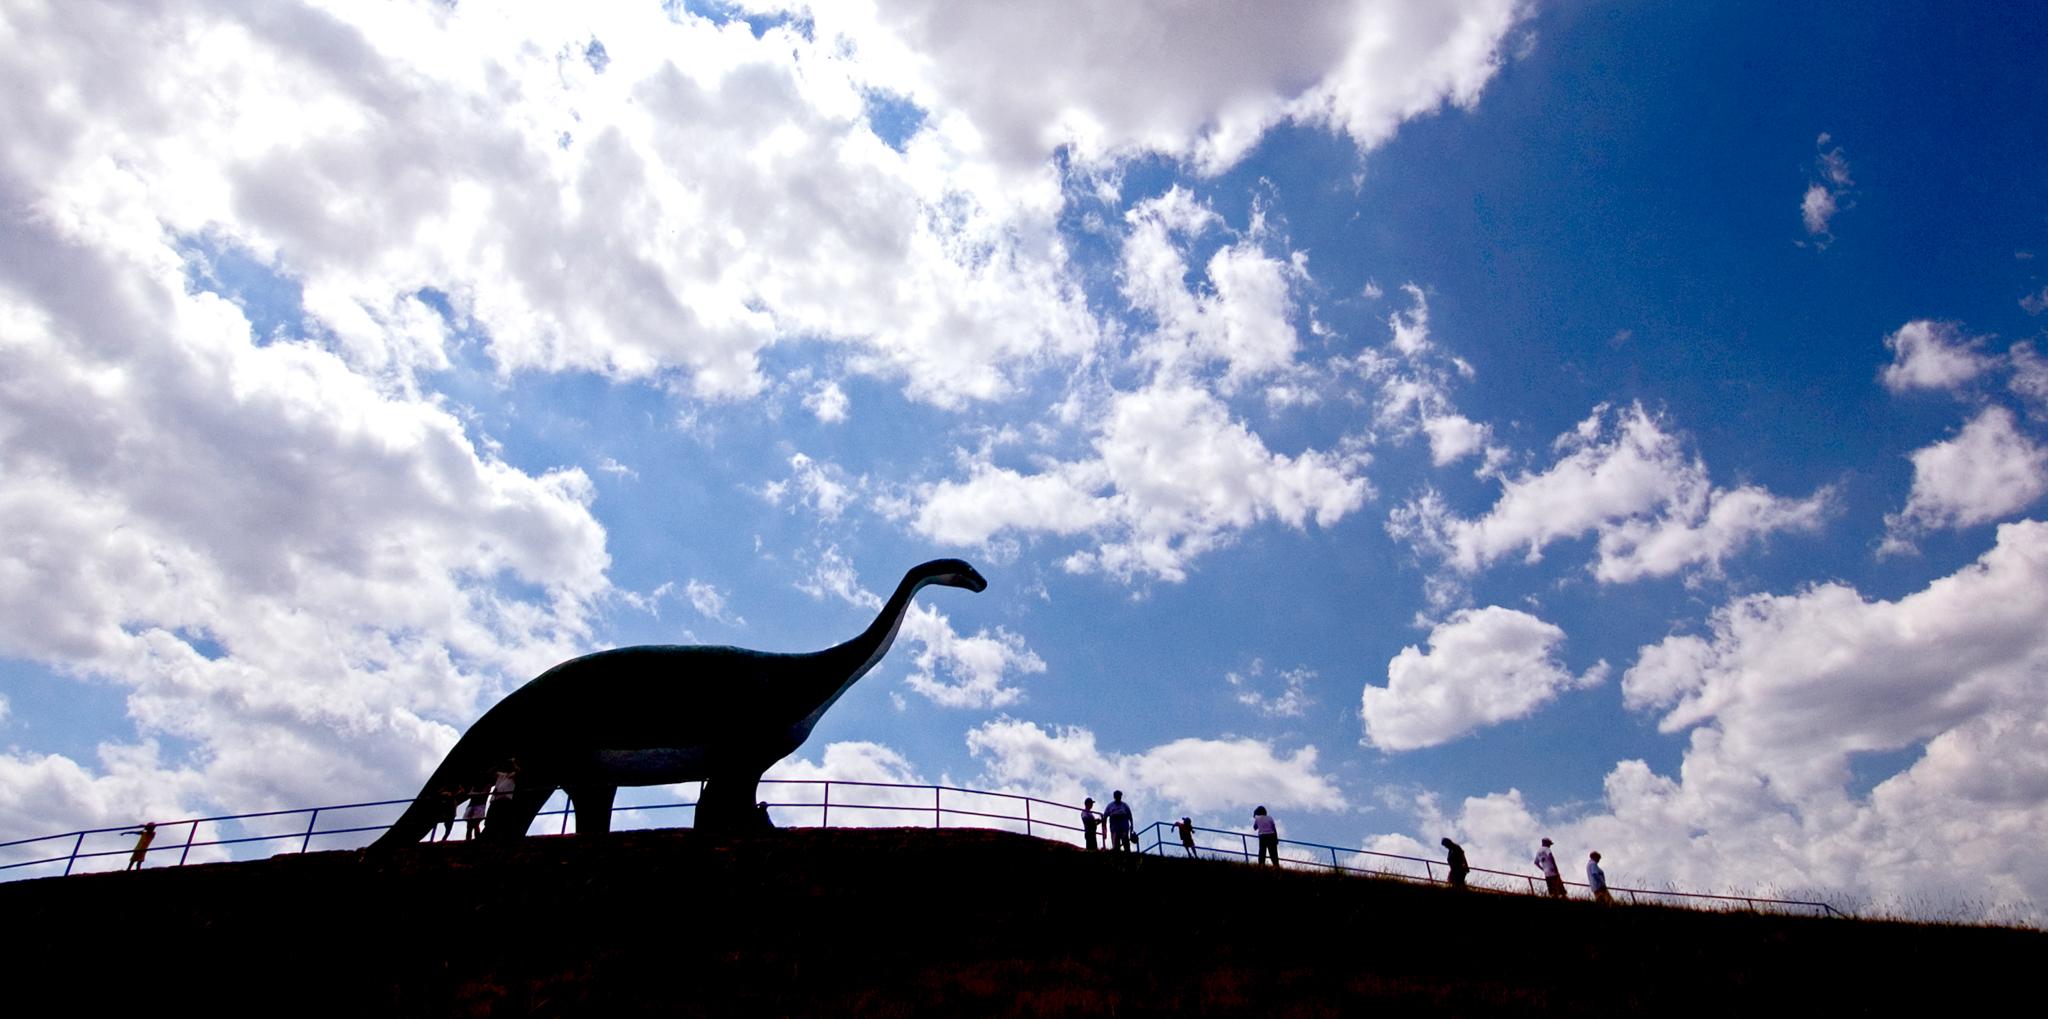 Dinosaur Park Black Hills Badlands South Dakota